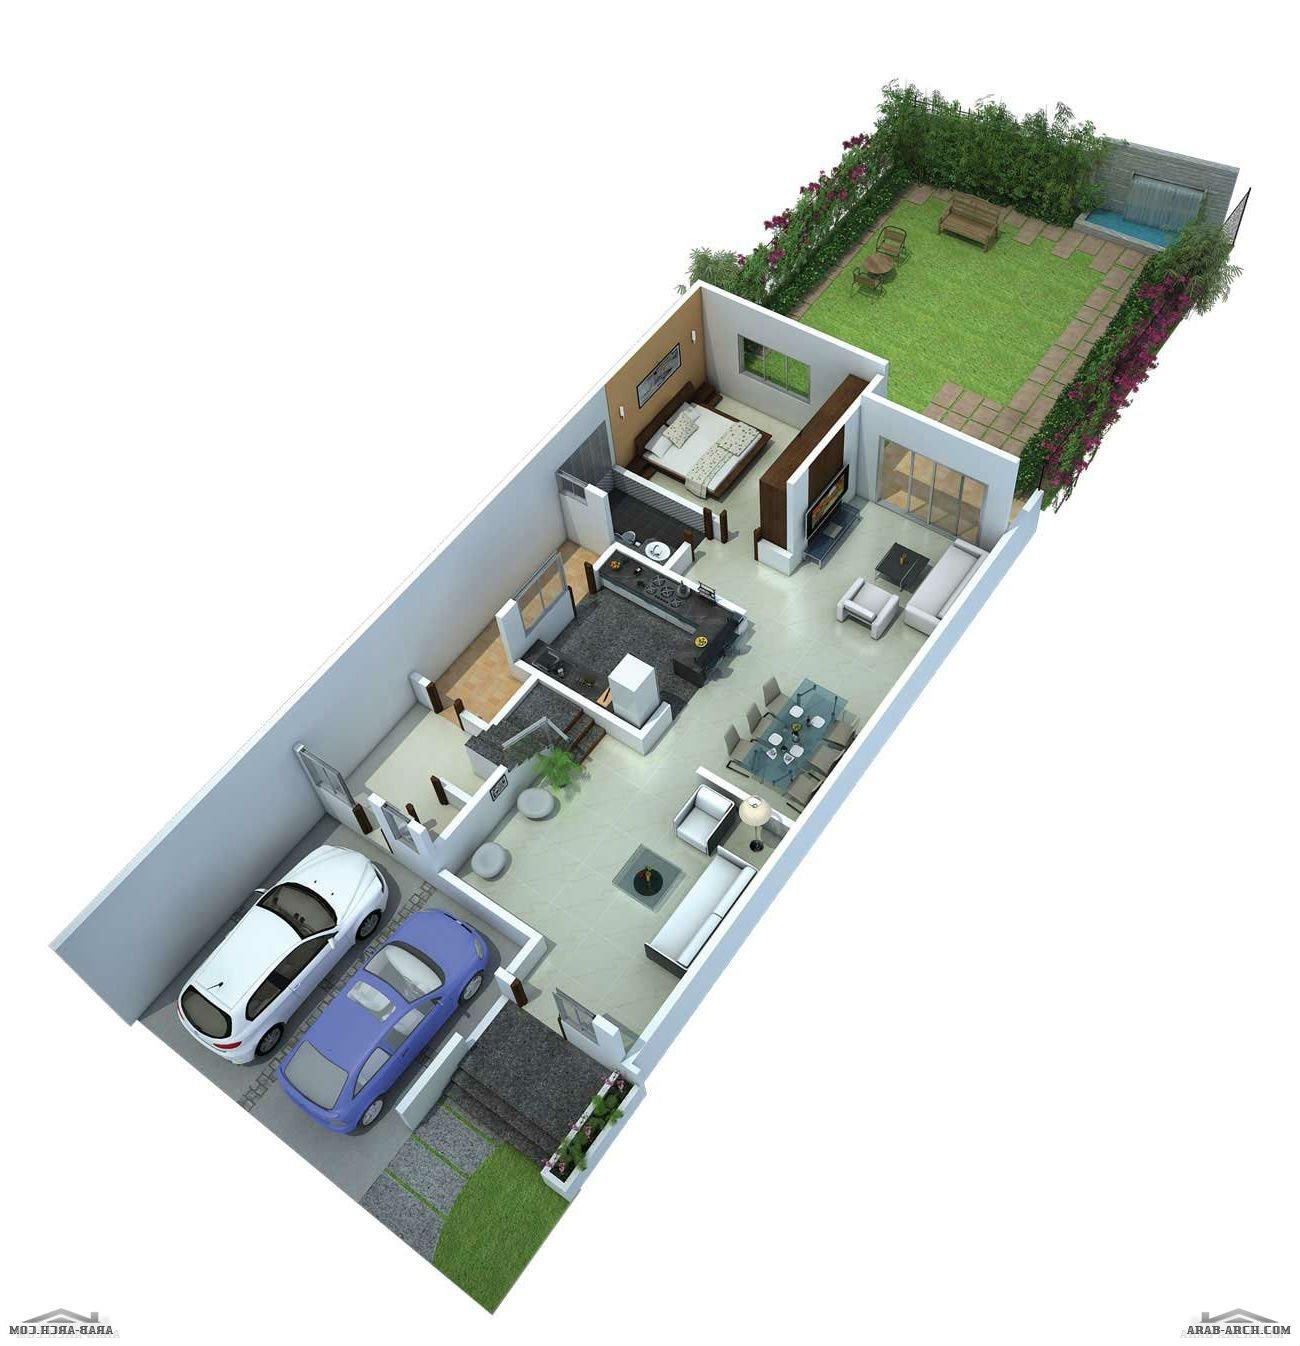 فلل مودرن بالمخطط 3d الديكور الداخلى Arab Arch: نموذج فيلا اسبانية بالمخطط والفرش الداخلي 3D » Arab Arch